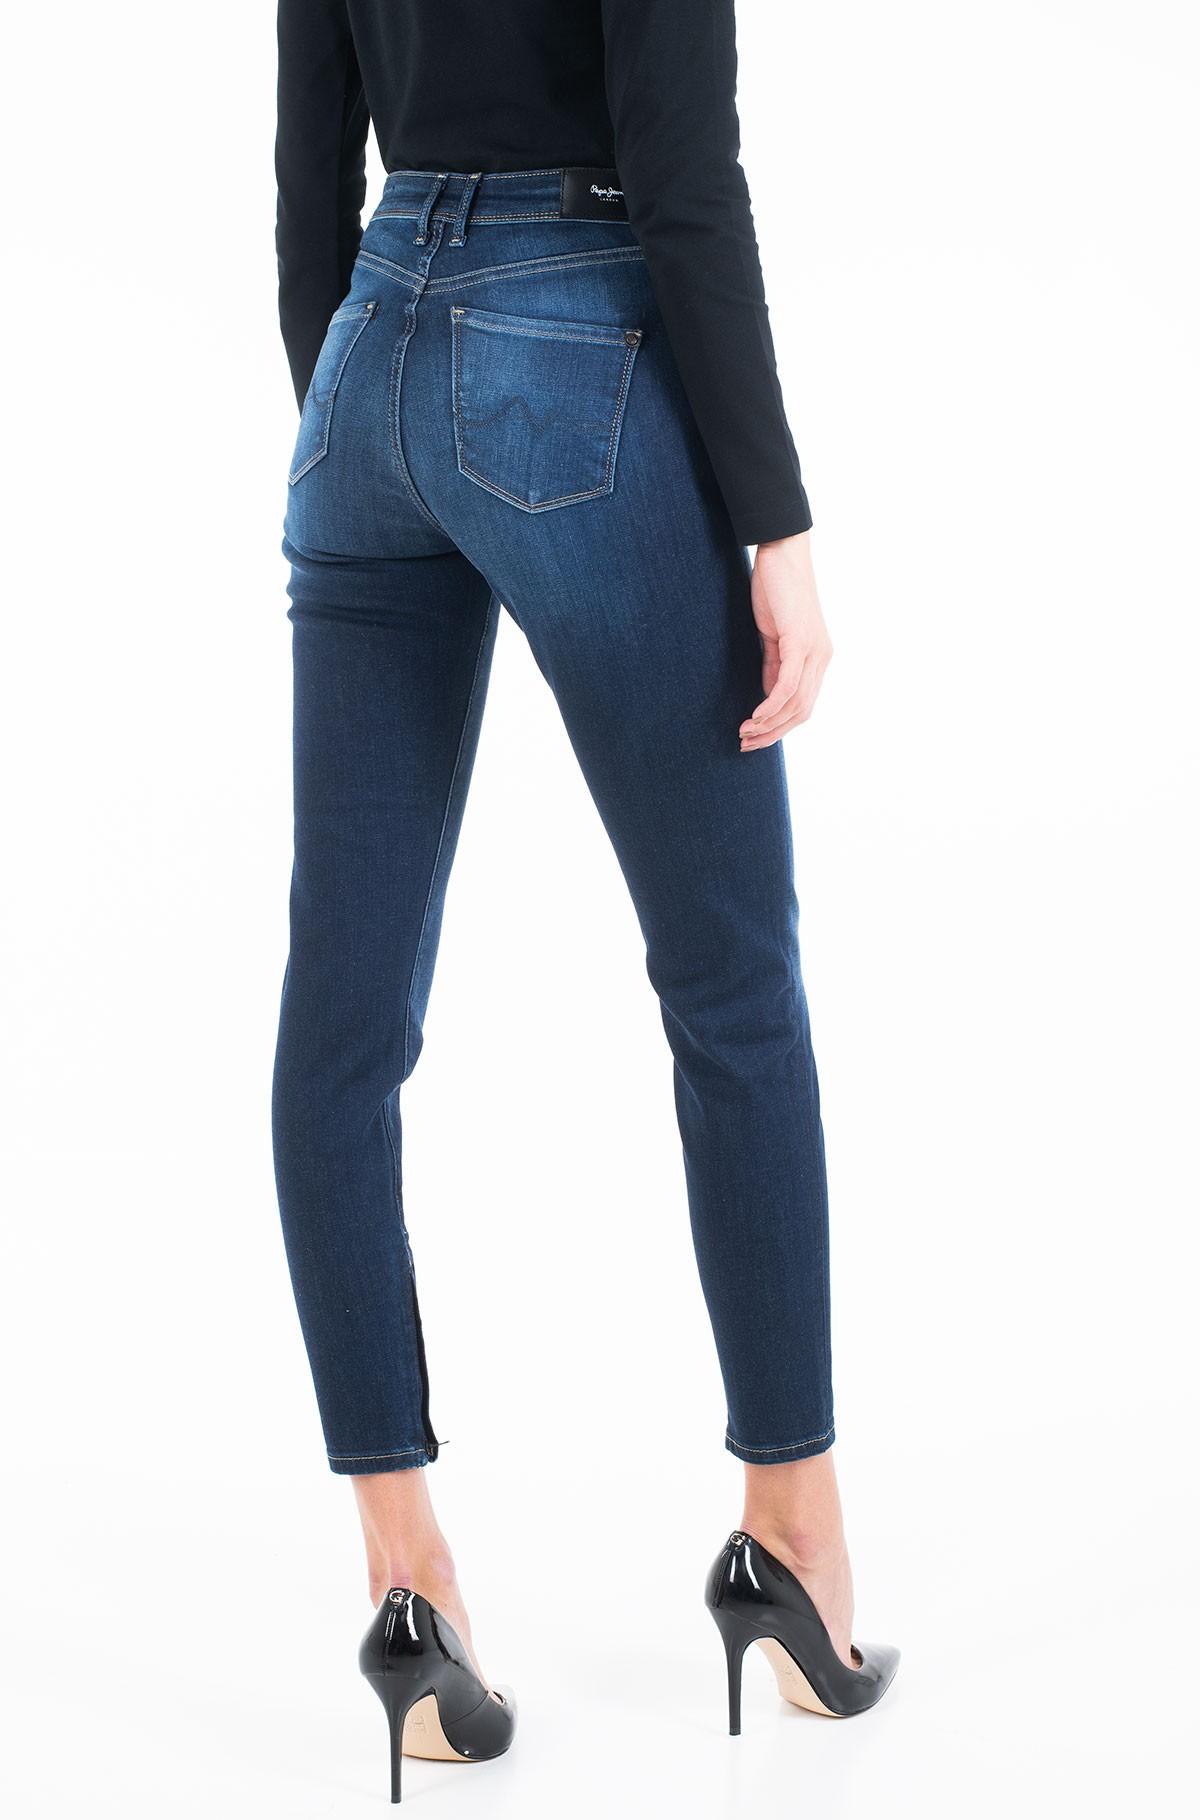 Jeans CHER HIGH/PL203384DC9-full-4